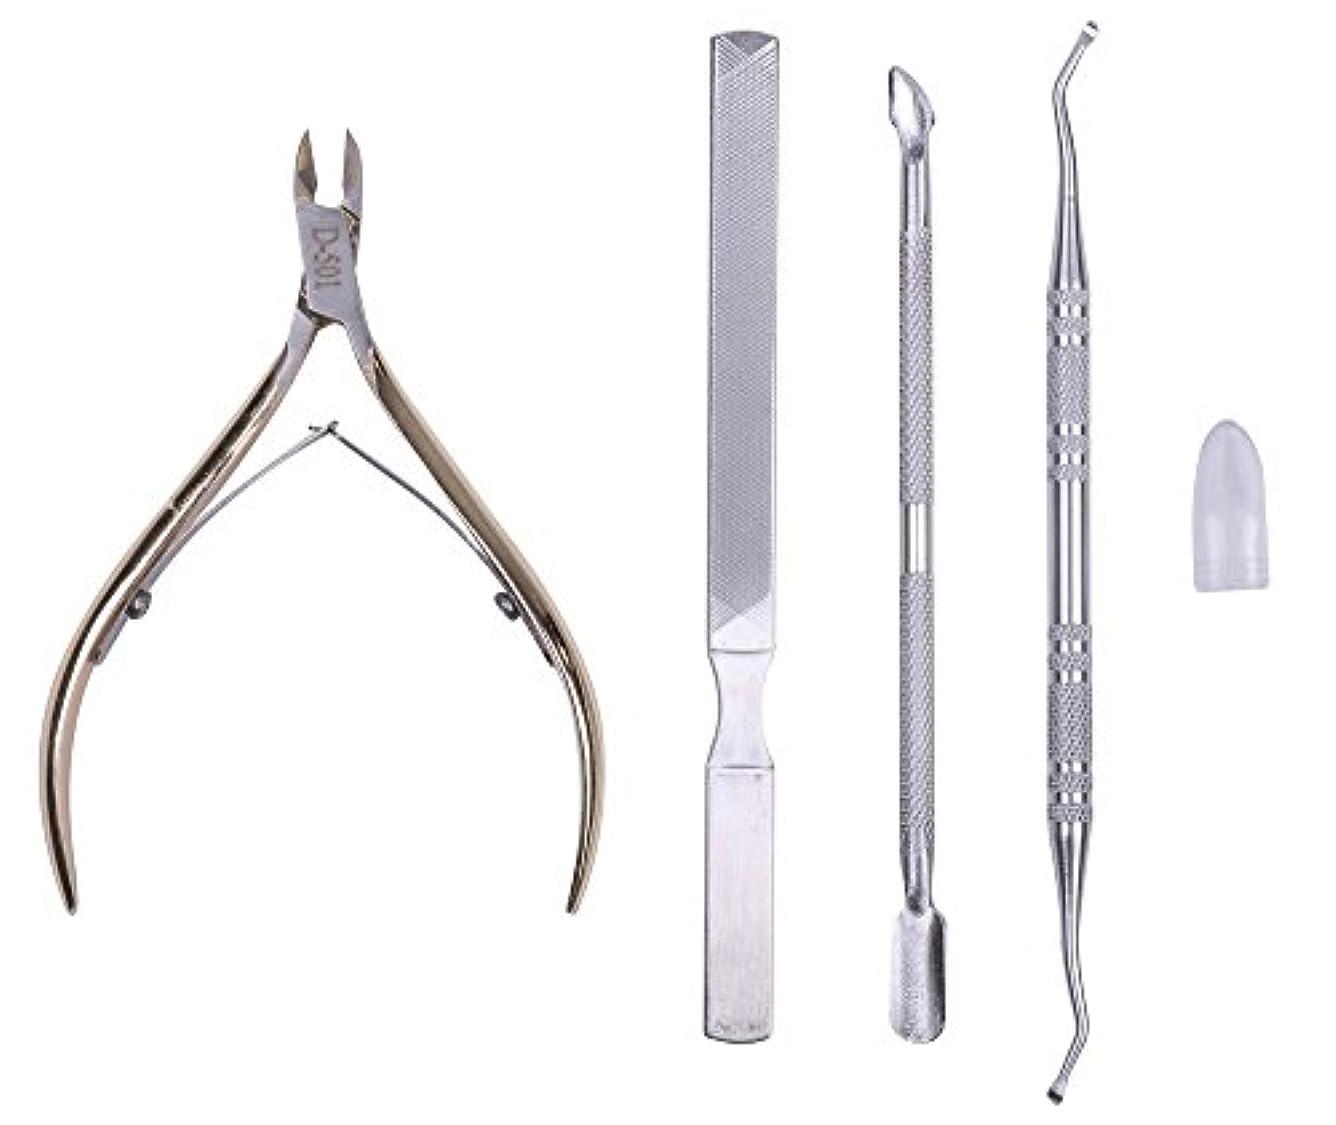 ケージ可能療法巻きづめ 用 ニッパー式 爪切り カッター はさみ ゴールド (爪やすり ゾンデ 甘皮押し)セット